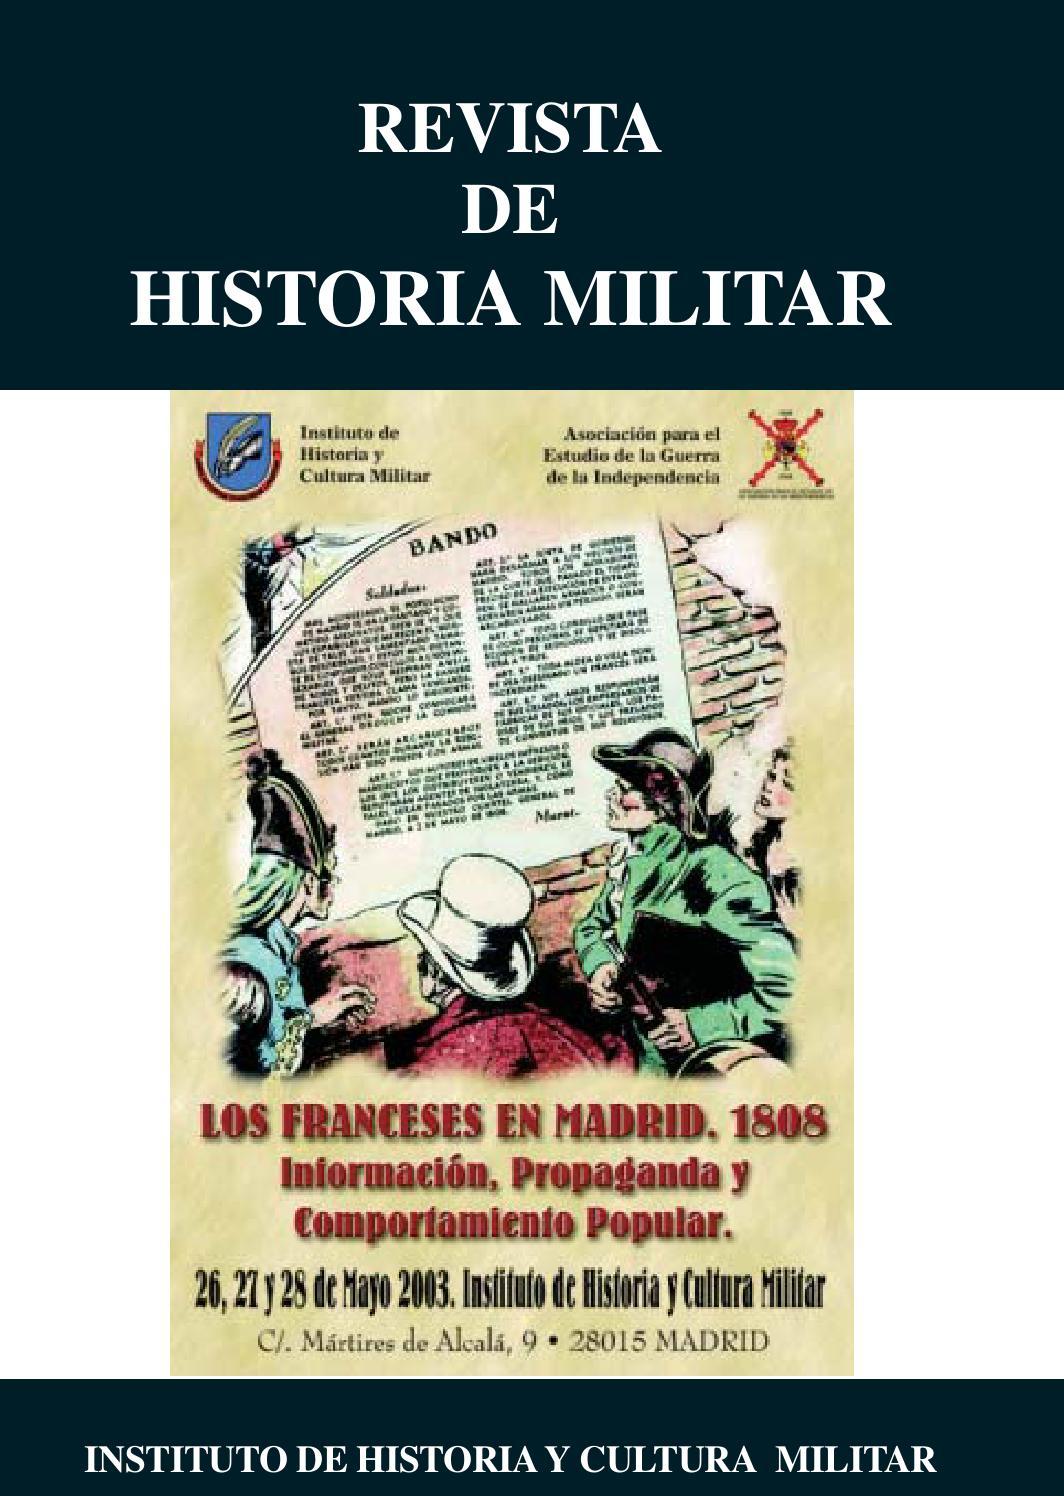 Rhm extra los franceses madrid by Historia y Arqueología - issuu 6c7077300e0